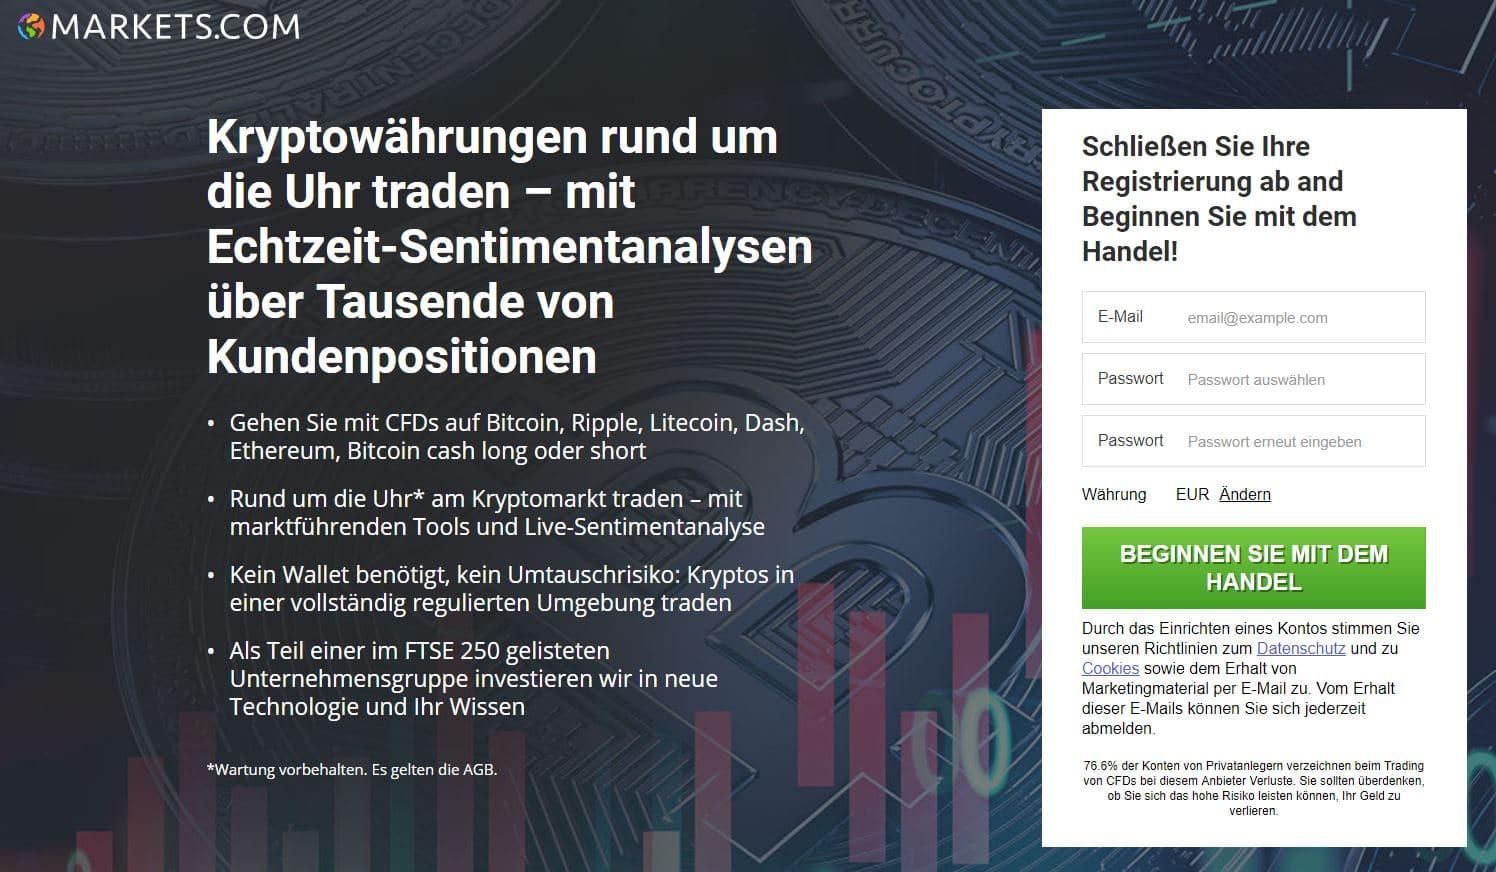 Kryptowährungen rund um die Uhr traden - Markets.com